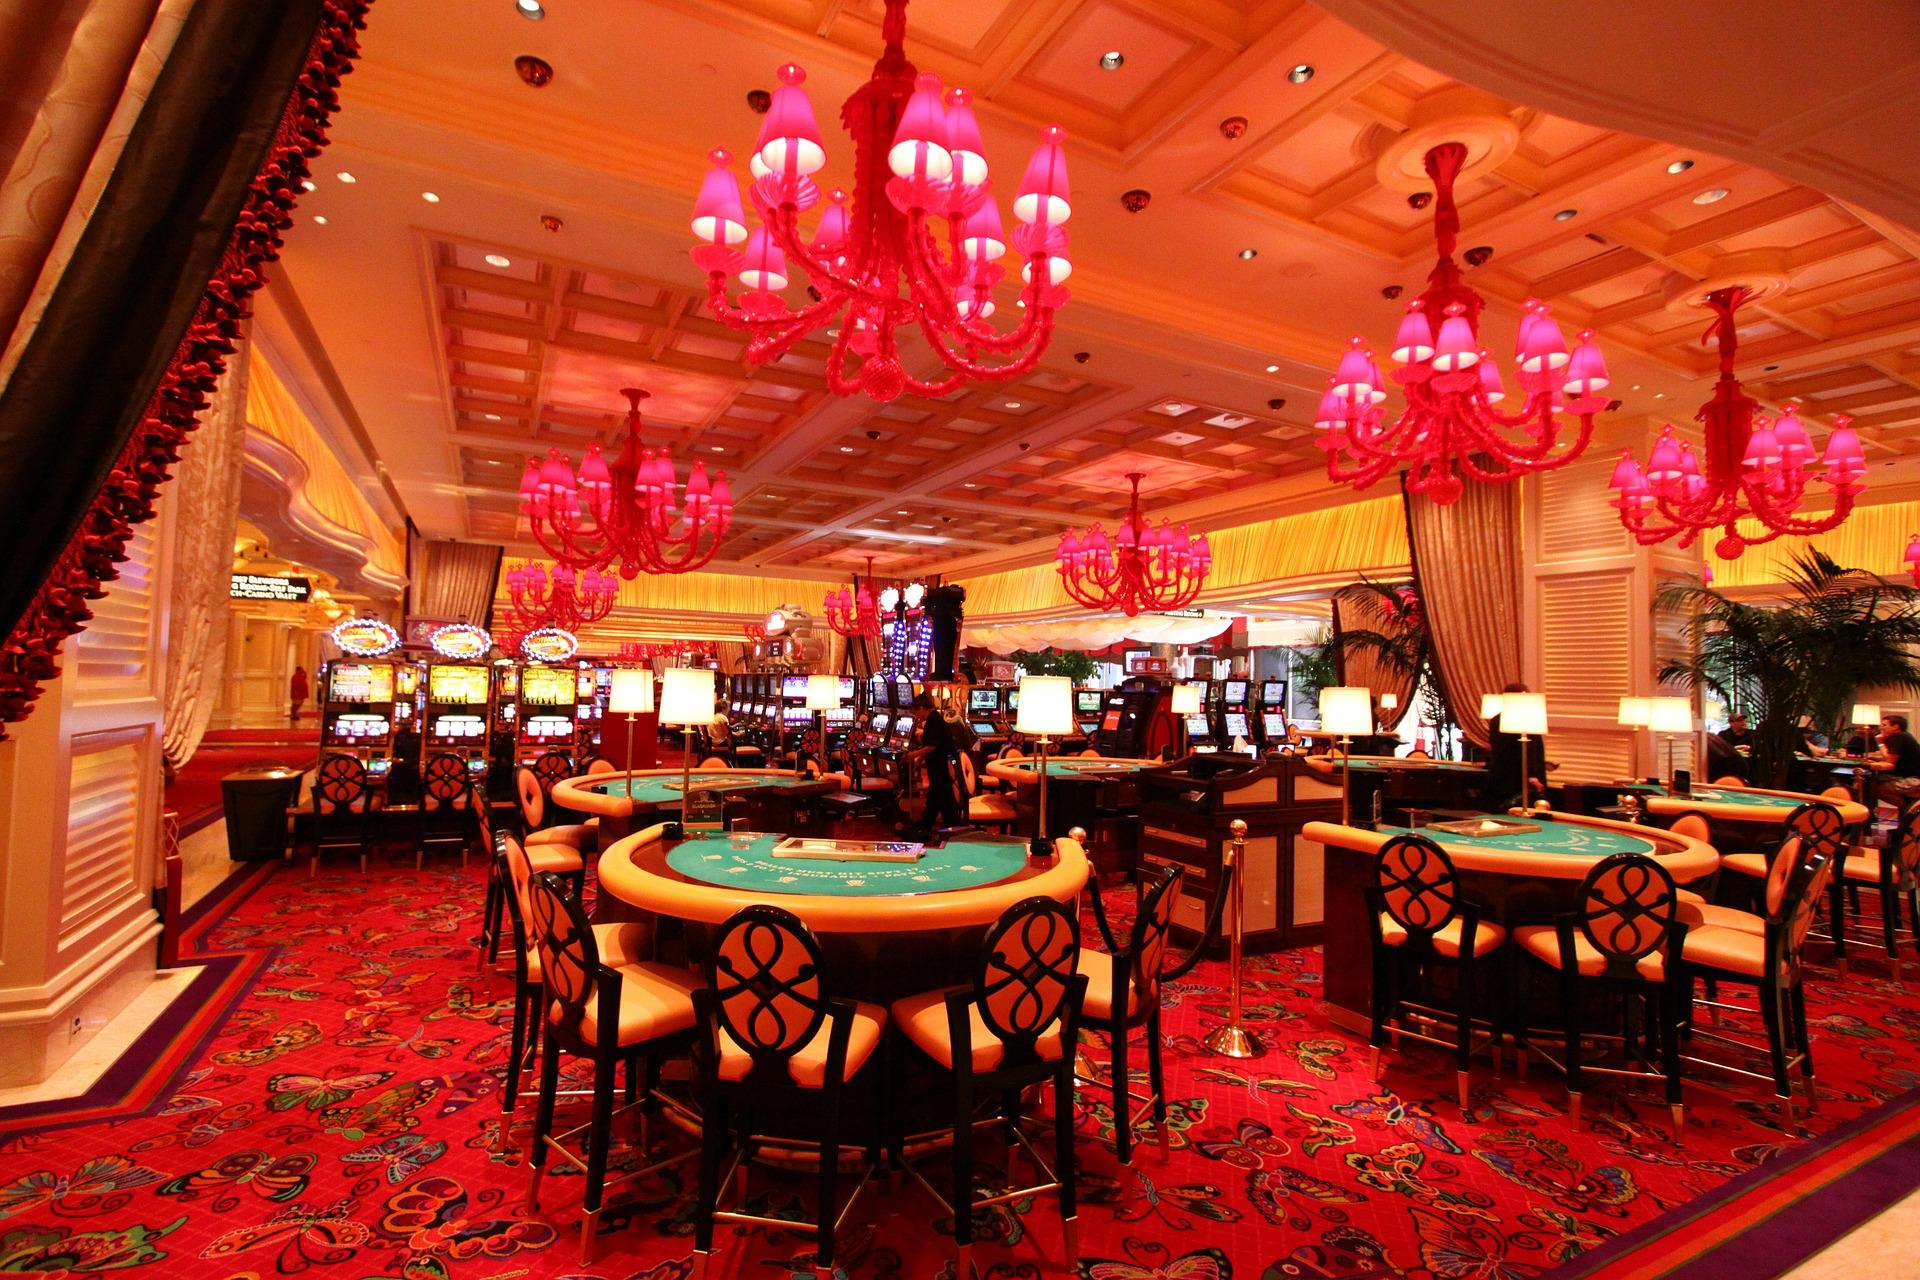 Das berühmte Wynn Casino Hotel in Las Vegas